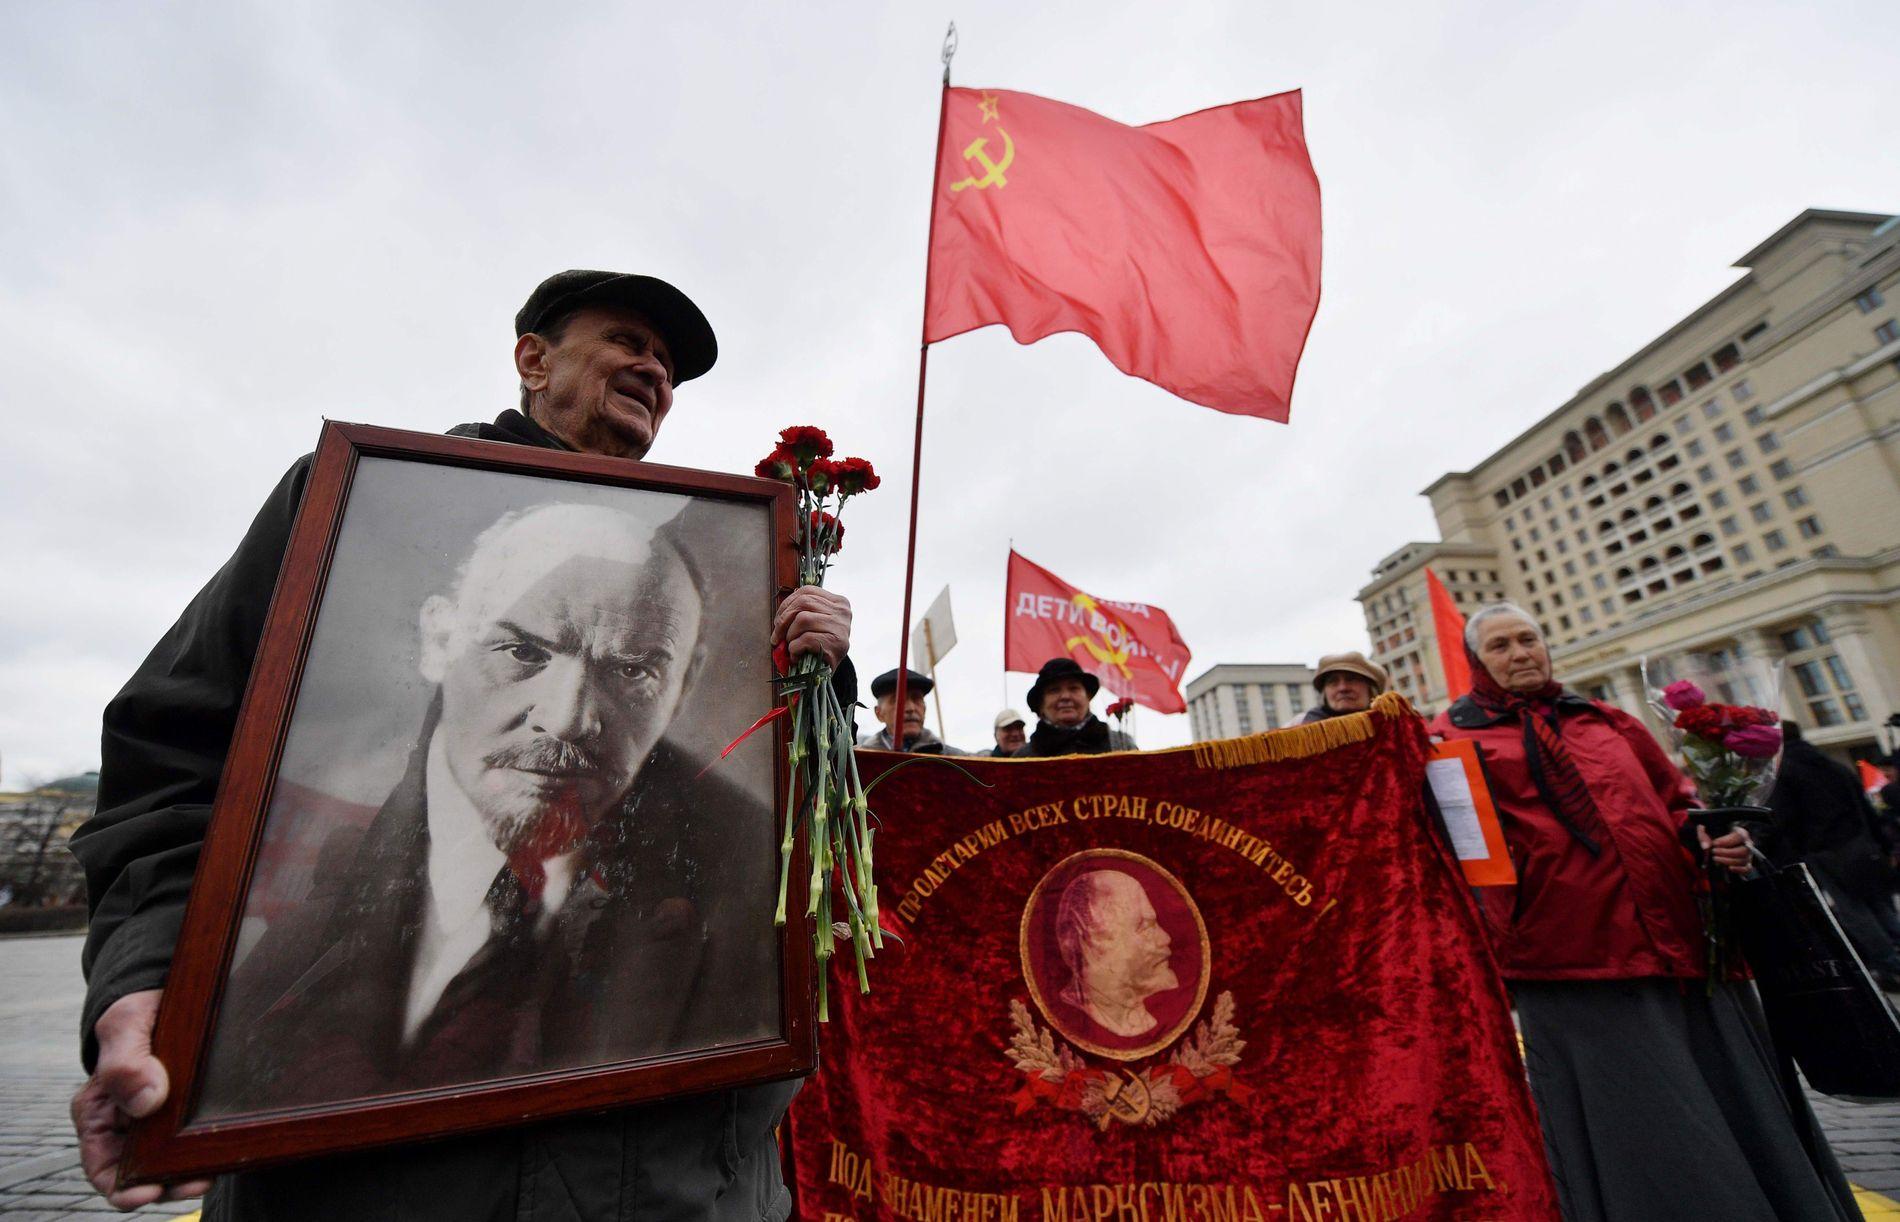 FEIRER: Kommunistene markerer fortsatt de gamle årsdagene, som for eksempel Lenins fødsel. Her viser de fram et Lenin-portrett, et Sovjetflagg og en fane med «Proletarer i alle land, foren dere».